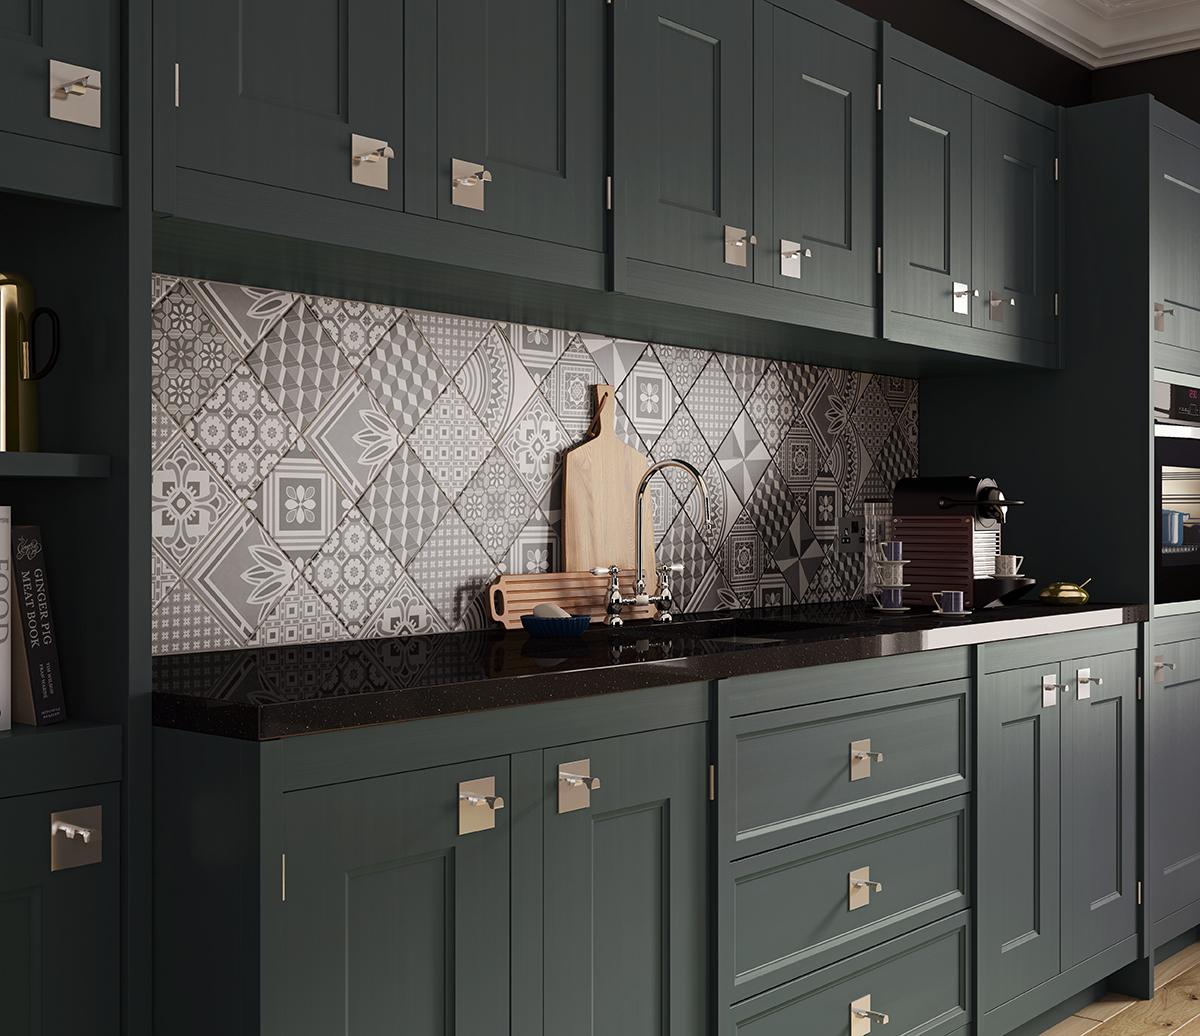 Ted Baker GeoTile kitchen tiles porcelain tiles used as splashback in black kitchen